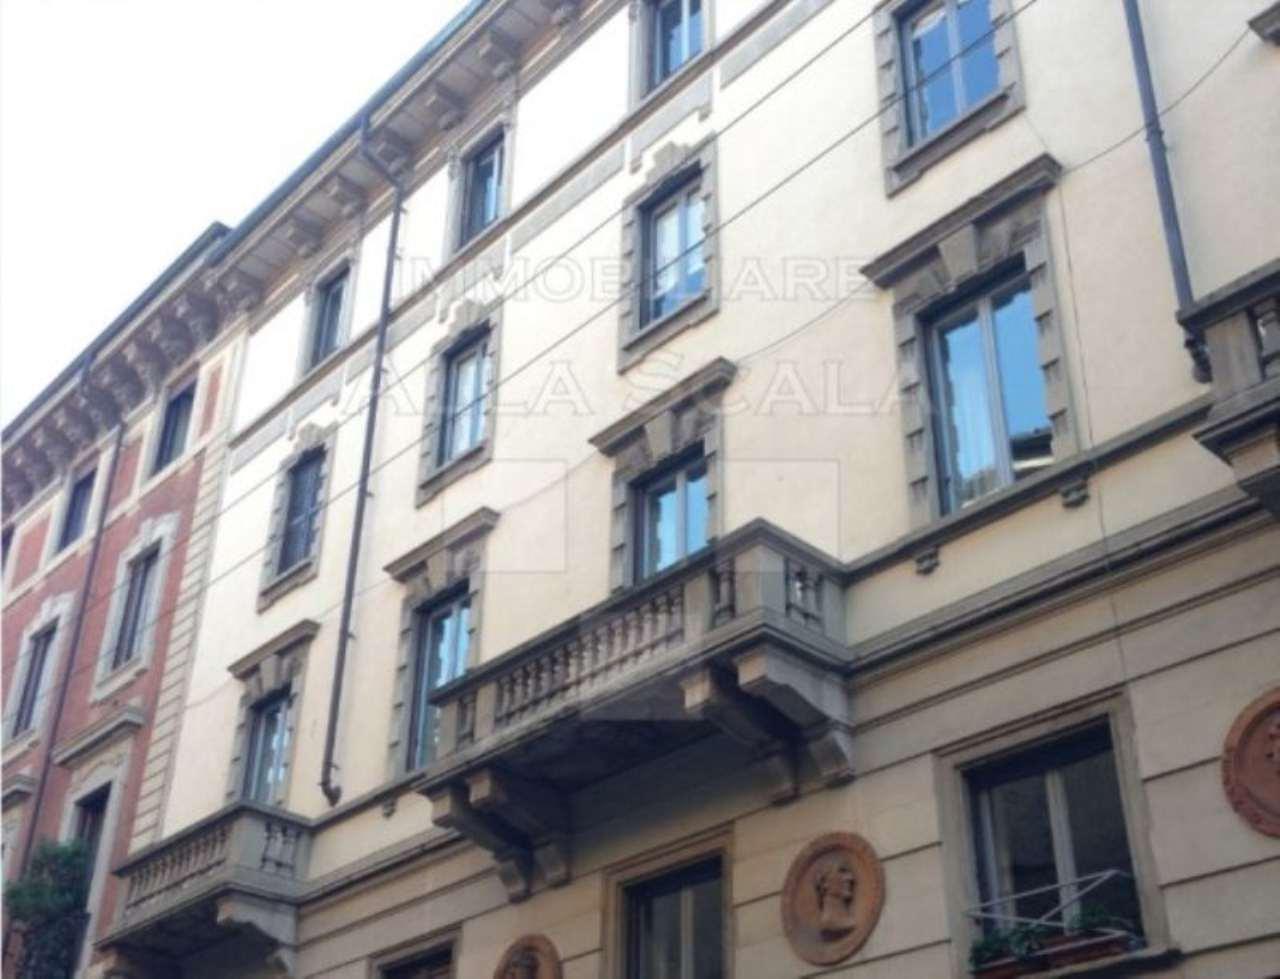 Attico in Vendita a Milano: 4 locali, 165 mq - Foto 4